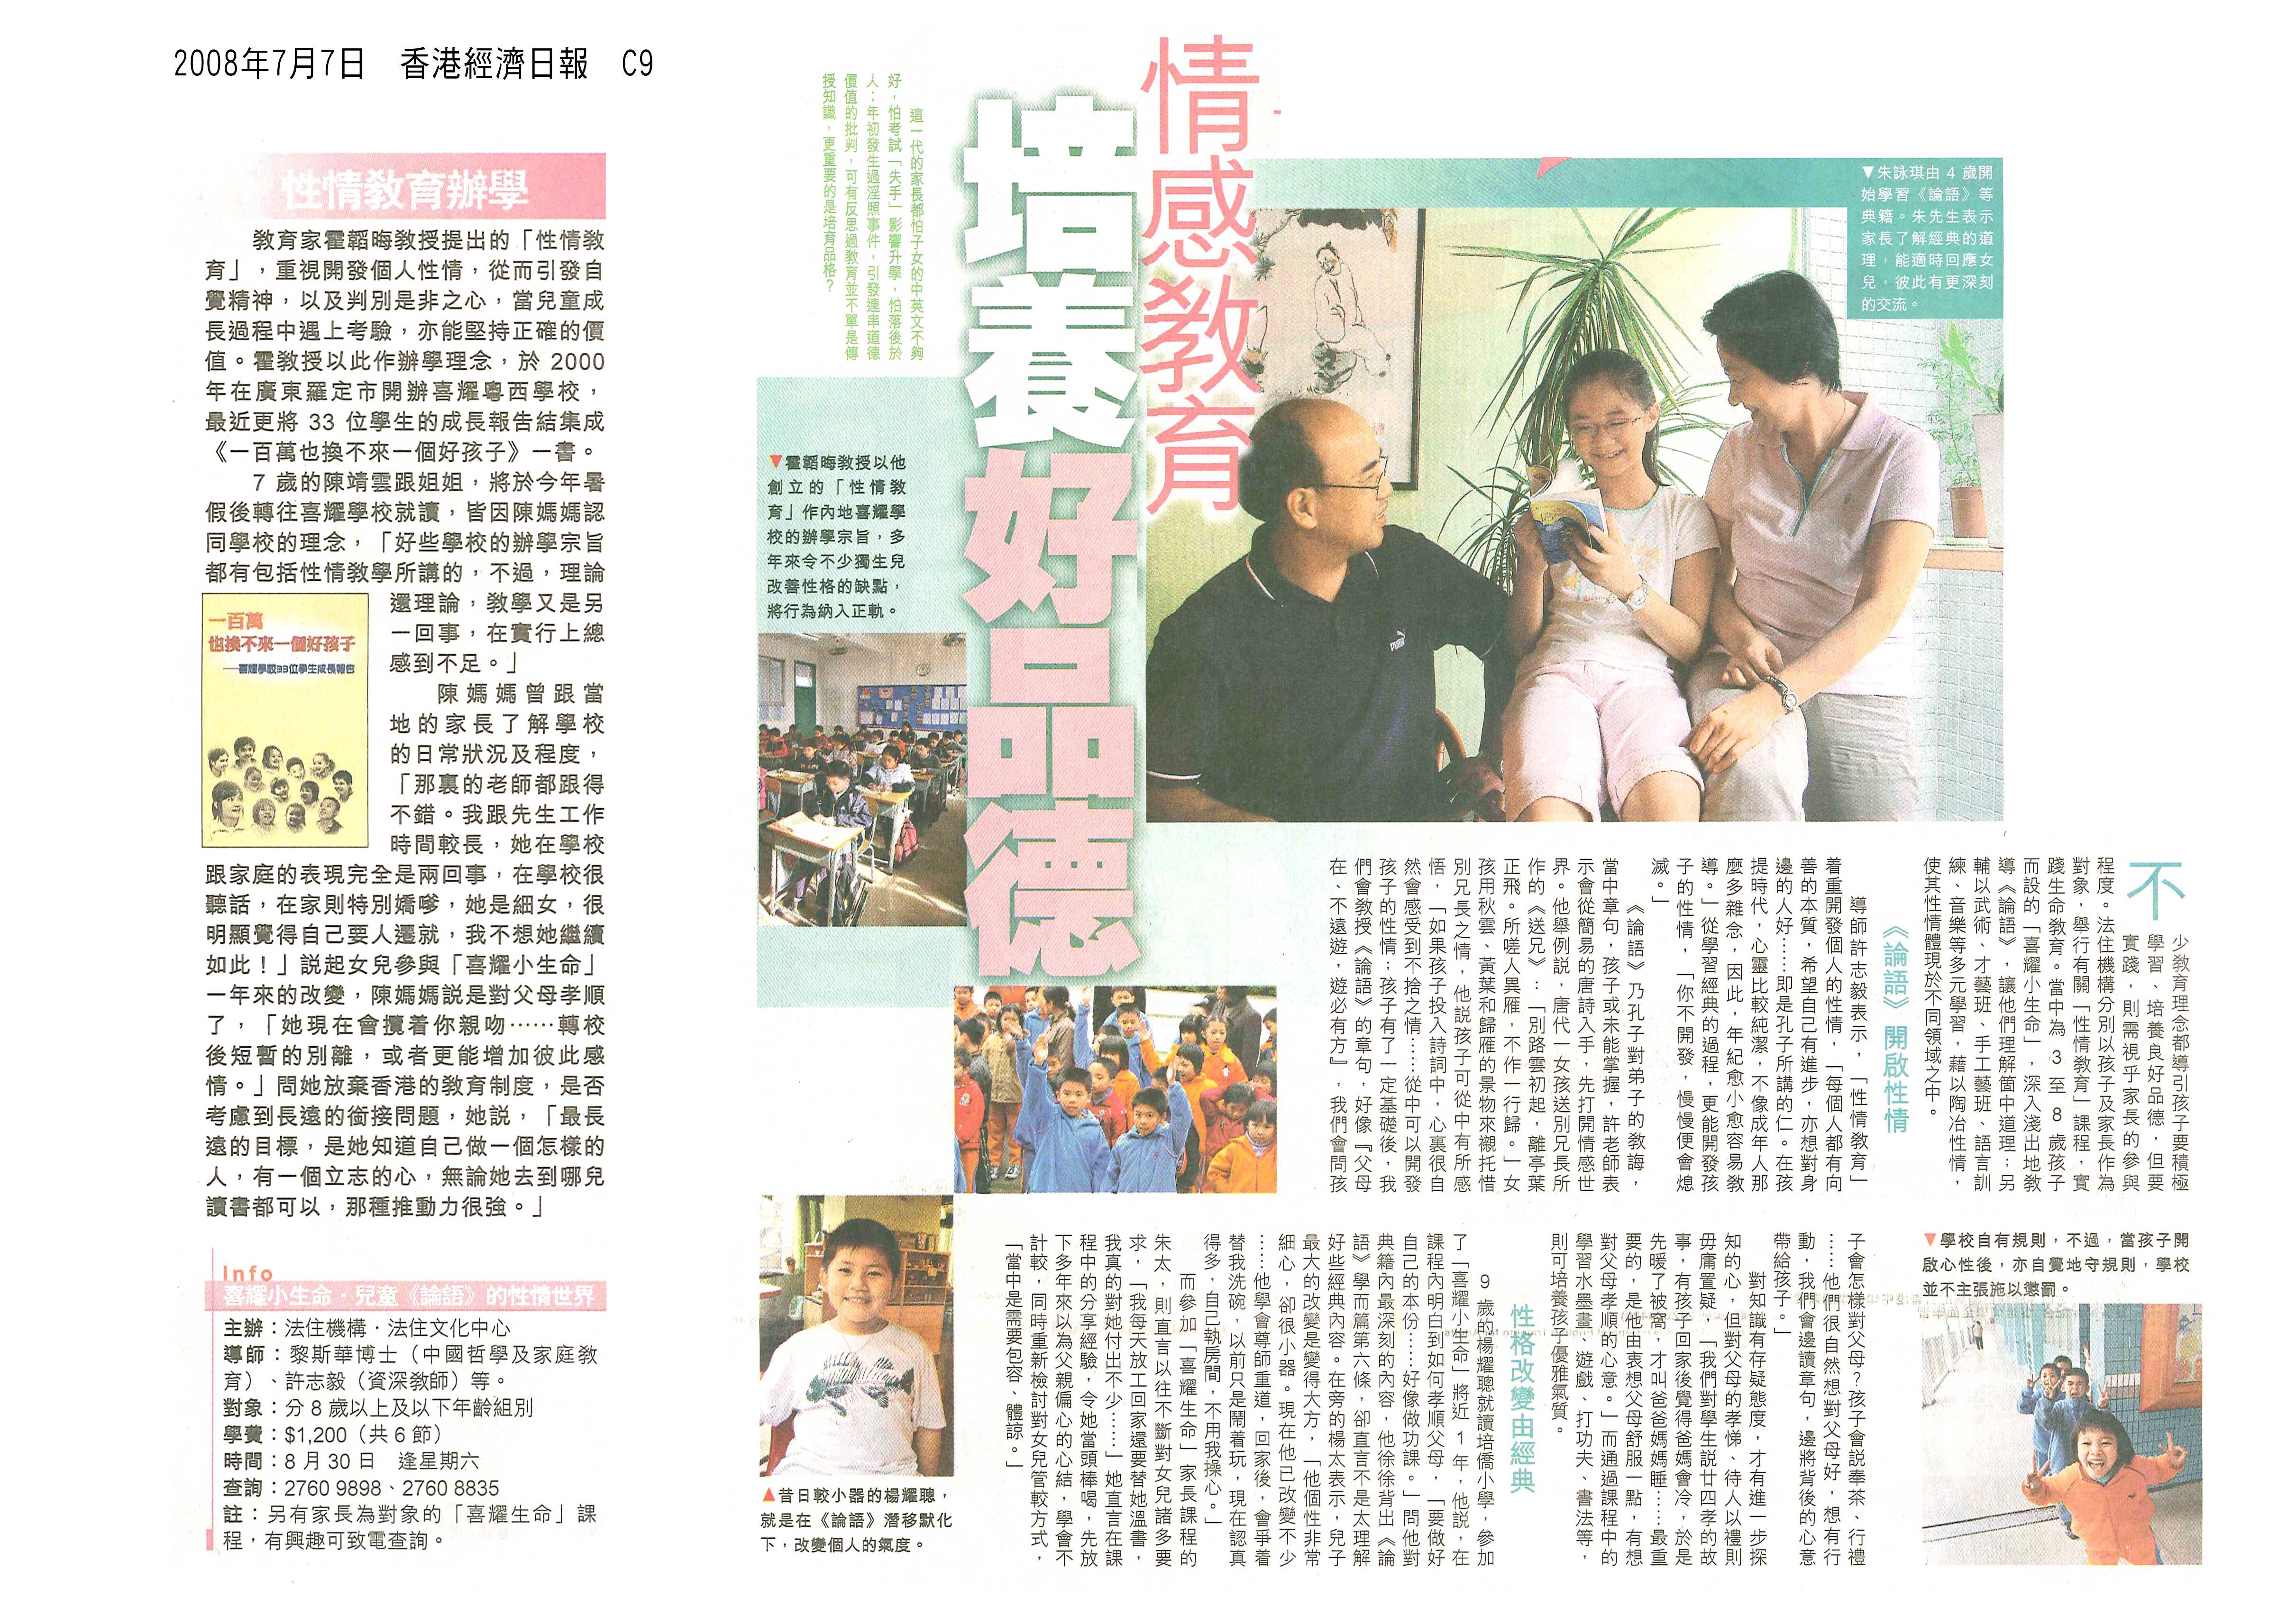 明日領袖鍛煉營 - 香港經濟日報